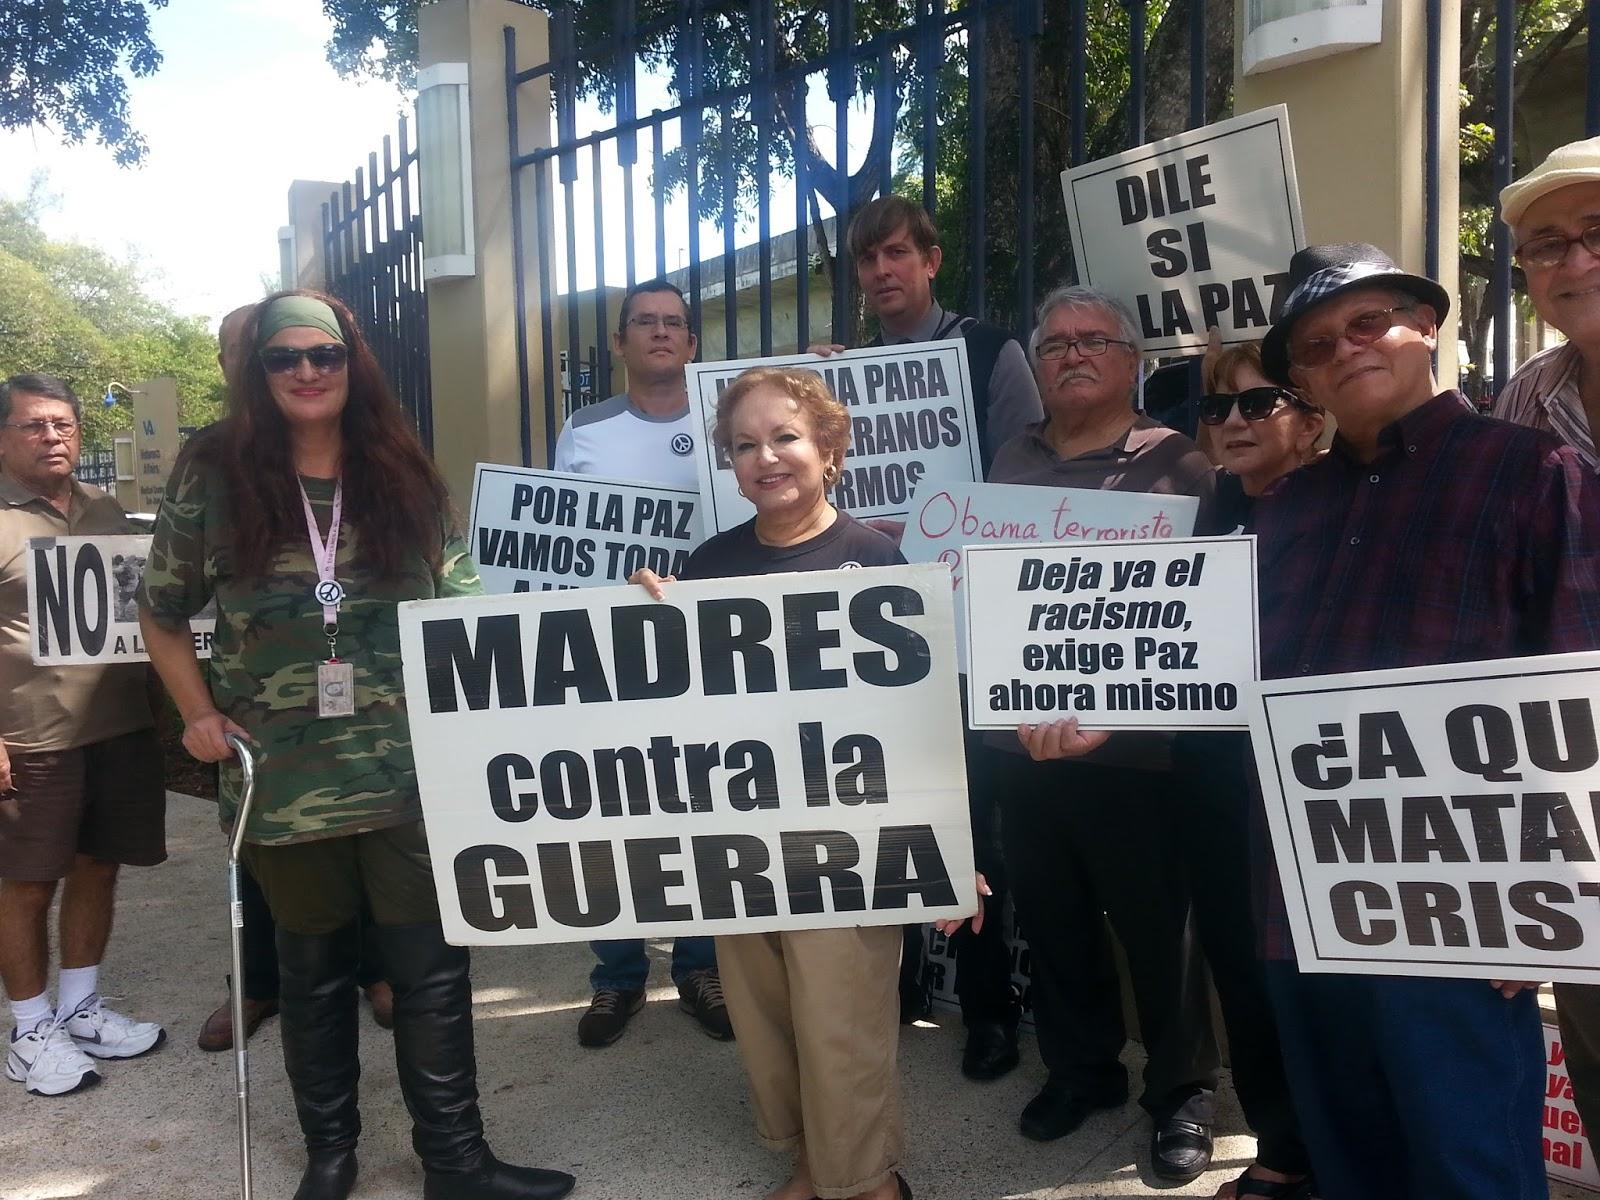 Compañeros Unidos para la Descolonización de Puerto Rico - 4 ...